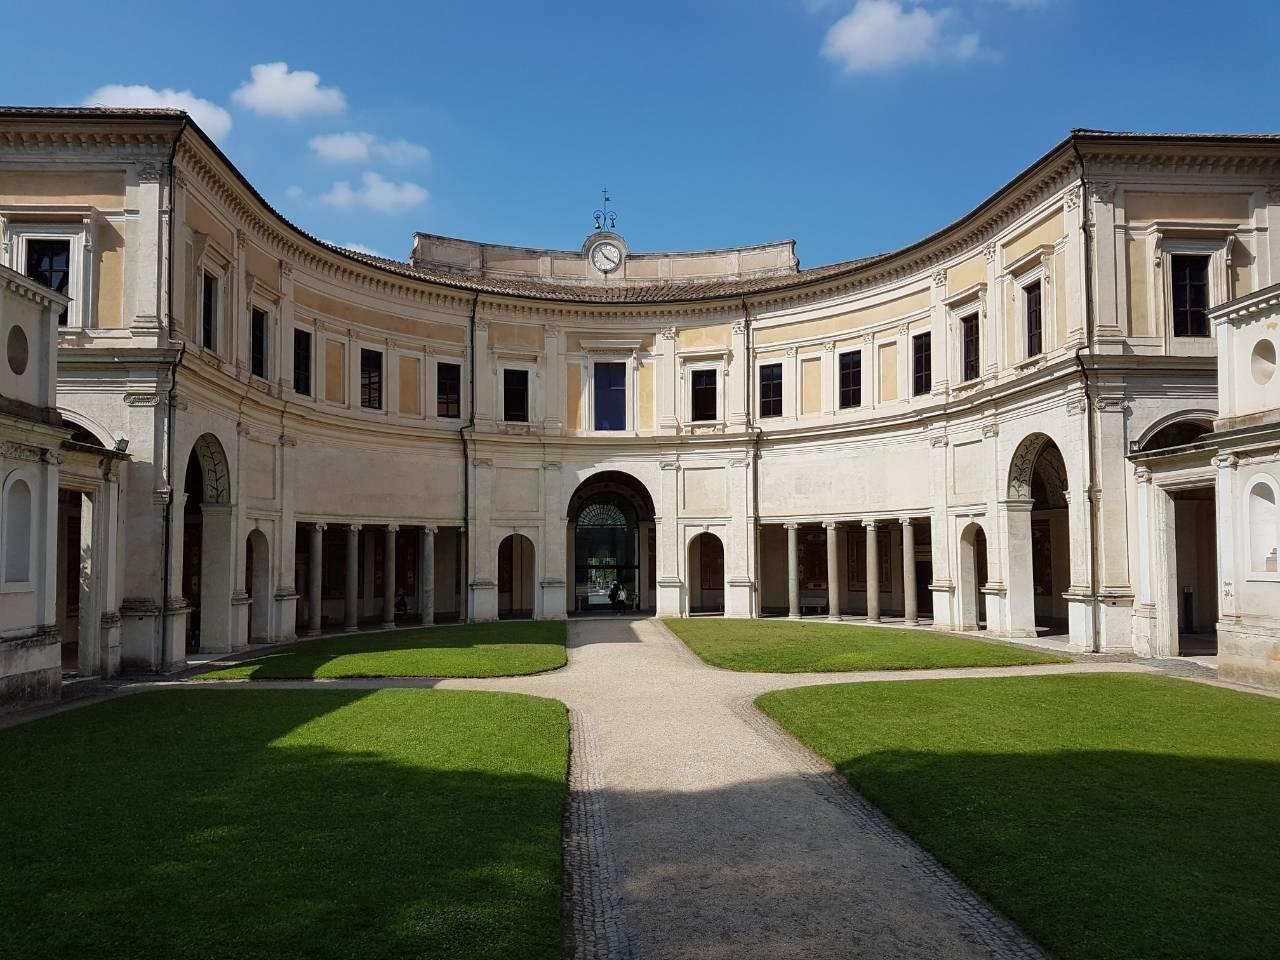 Вилла Джулия - Етруски музей в Рим